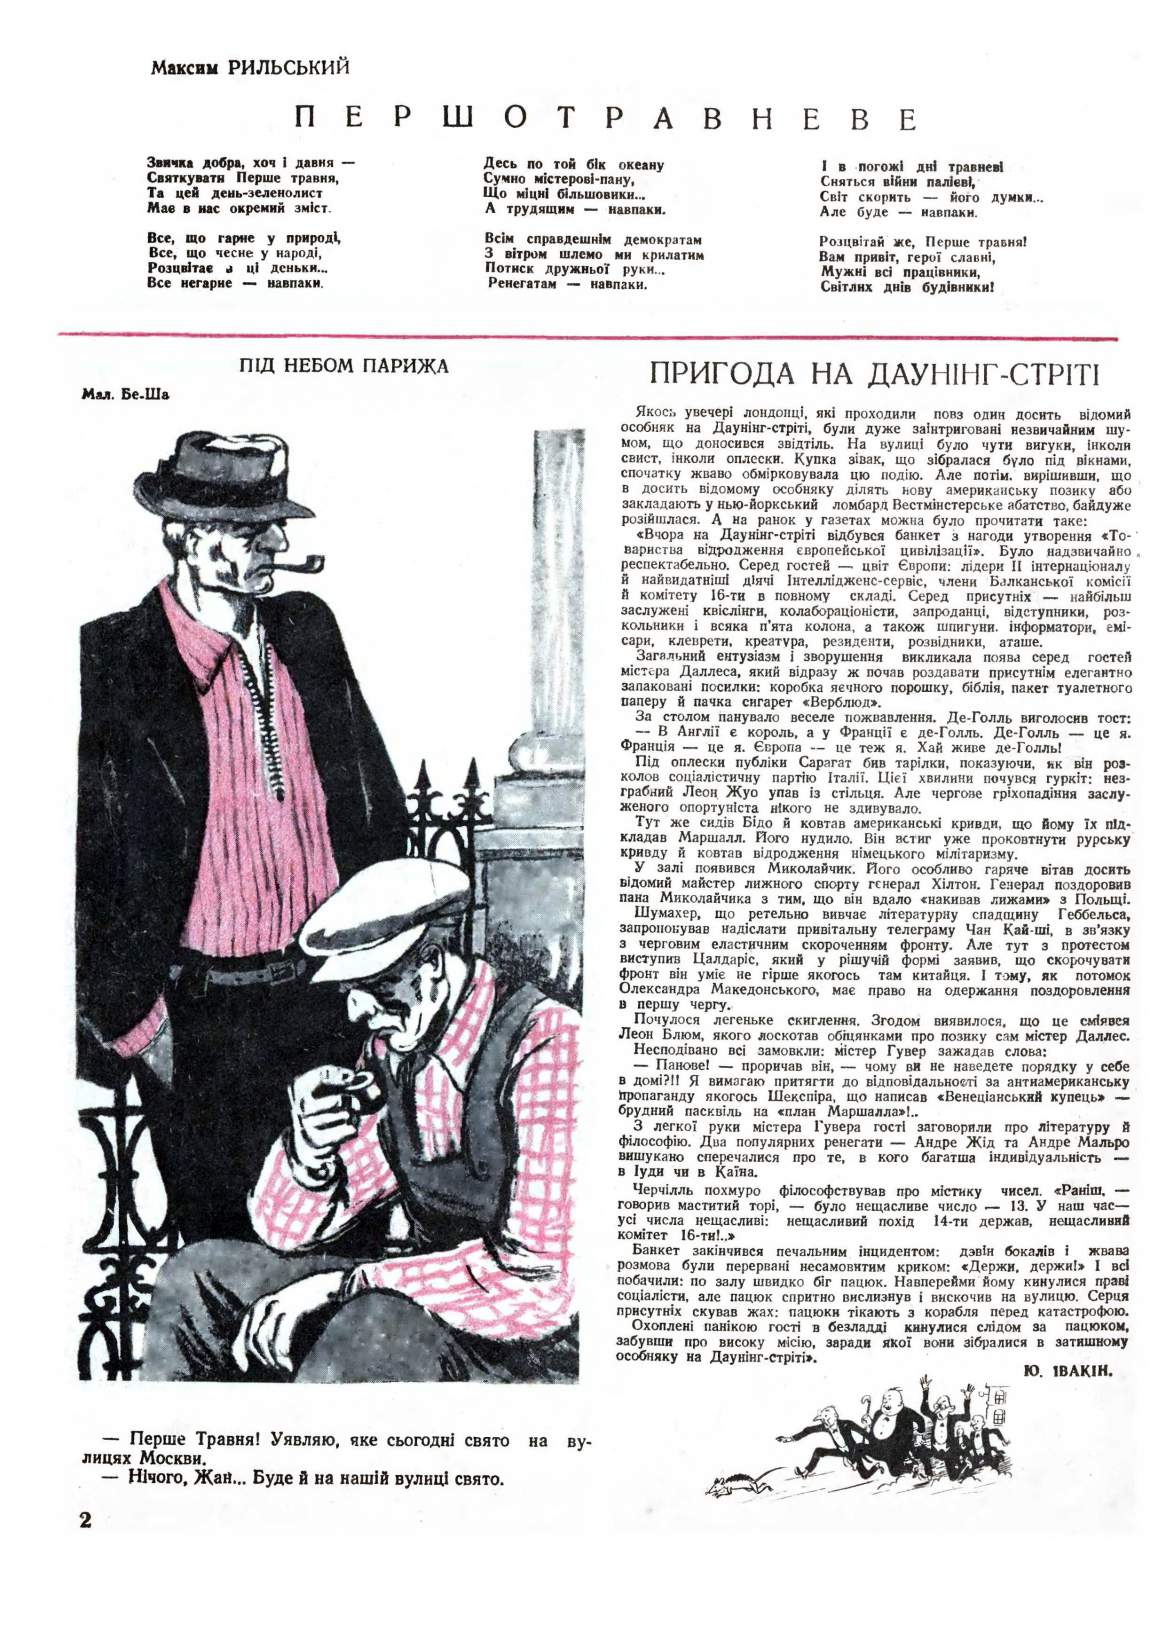 Журнал перець 1948 №09